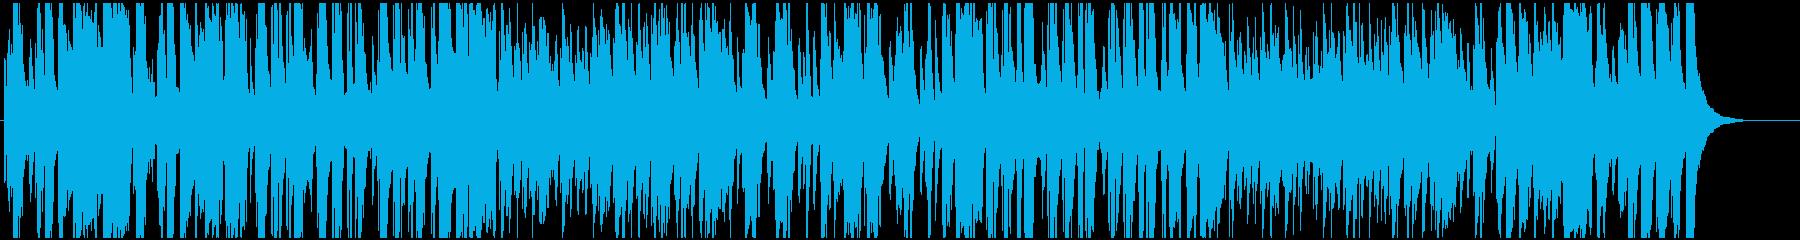 ゴージャスで踊りたくなるBGMの再生済みの波形